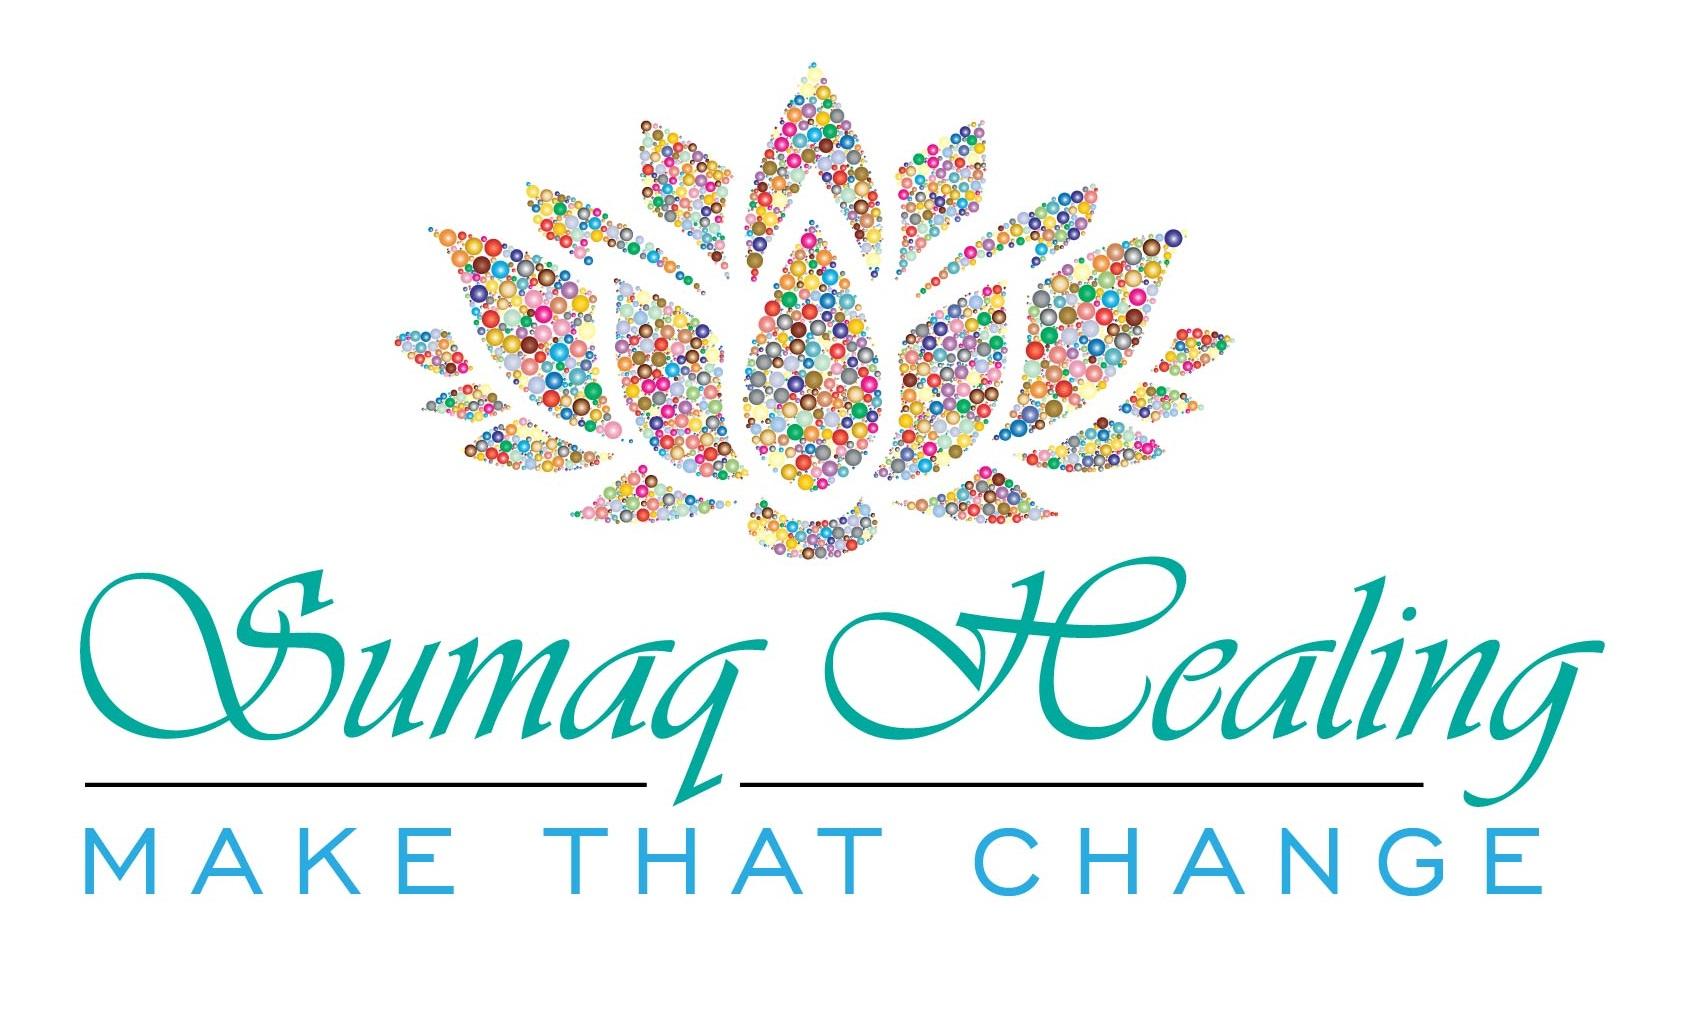 SUMAQ HEALING